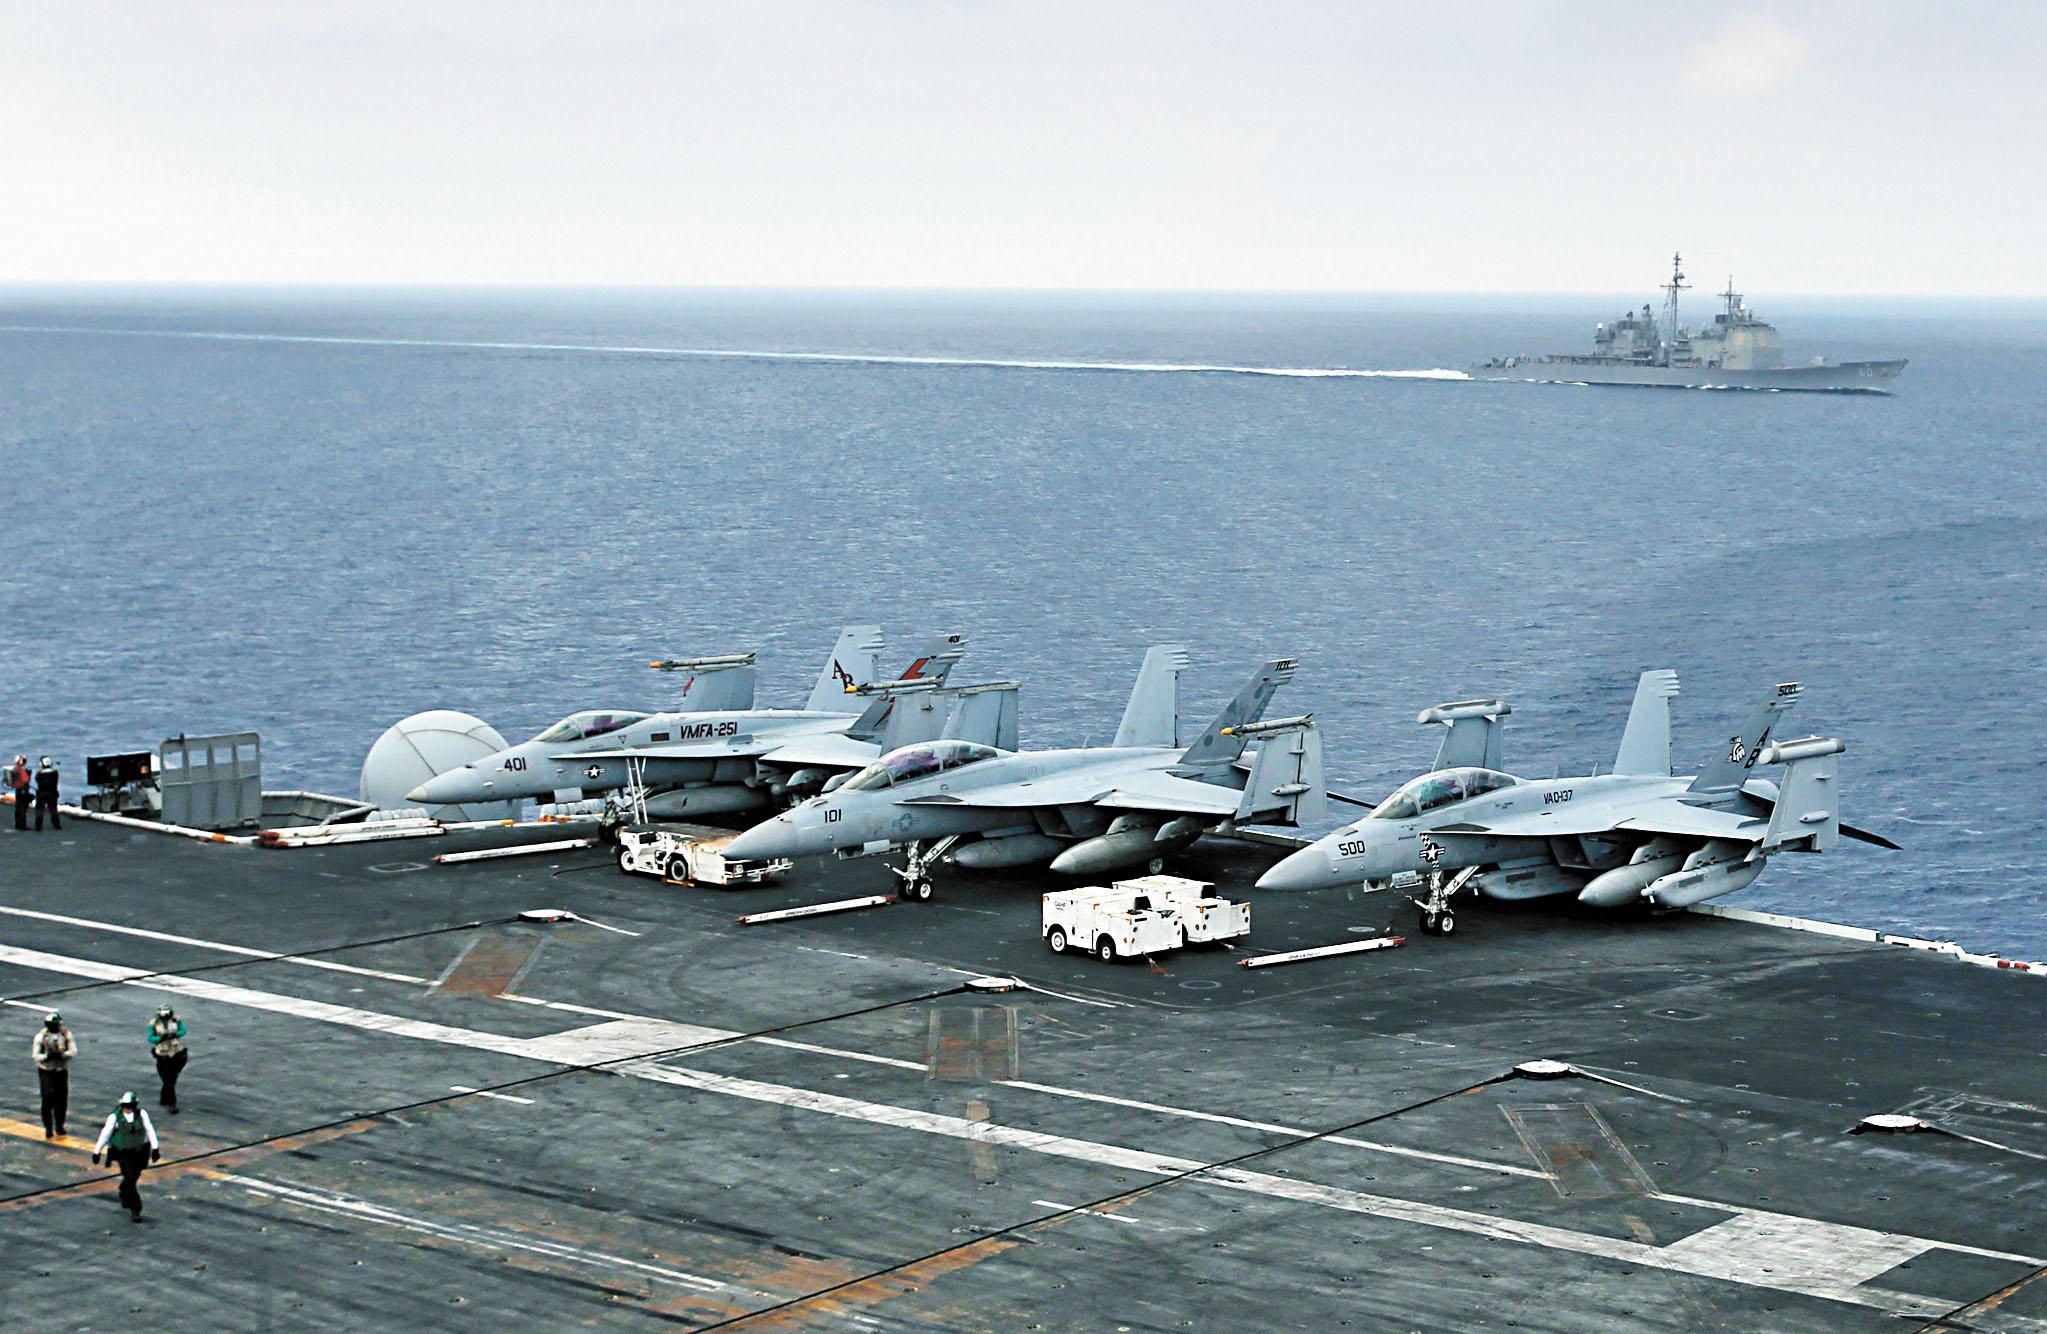 美日兩國磋商最快今年內舉行防衛釣魚島的大規模聯合軍事演習。圖為美軍曾派航空母艦參加美日聯合軍演。美聯社資料圖片